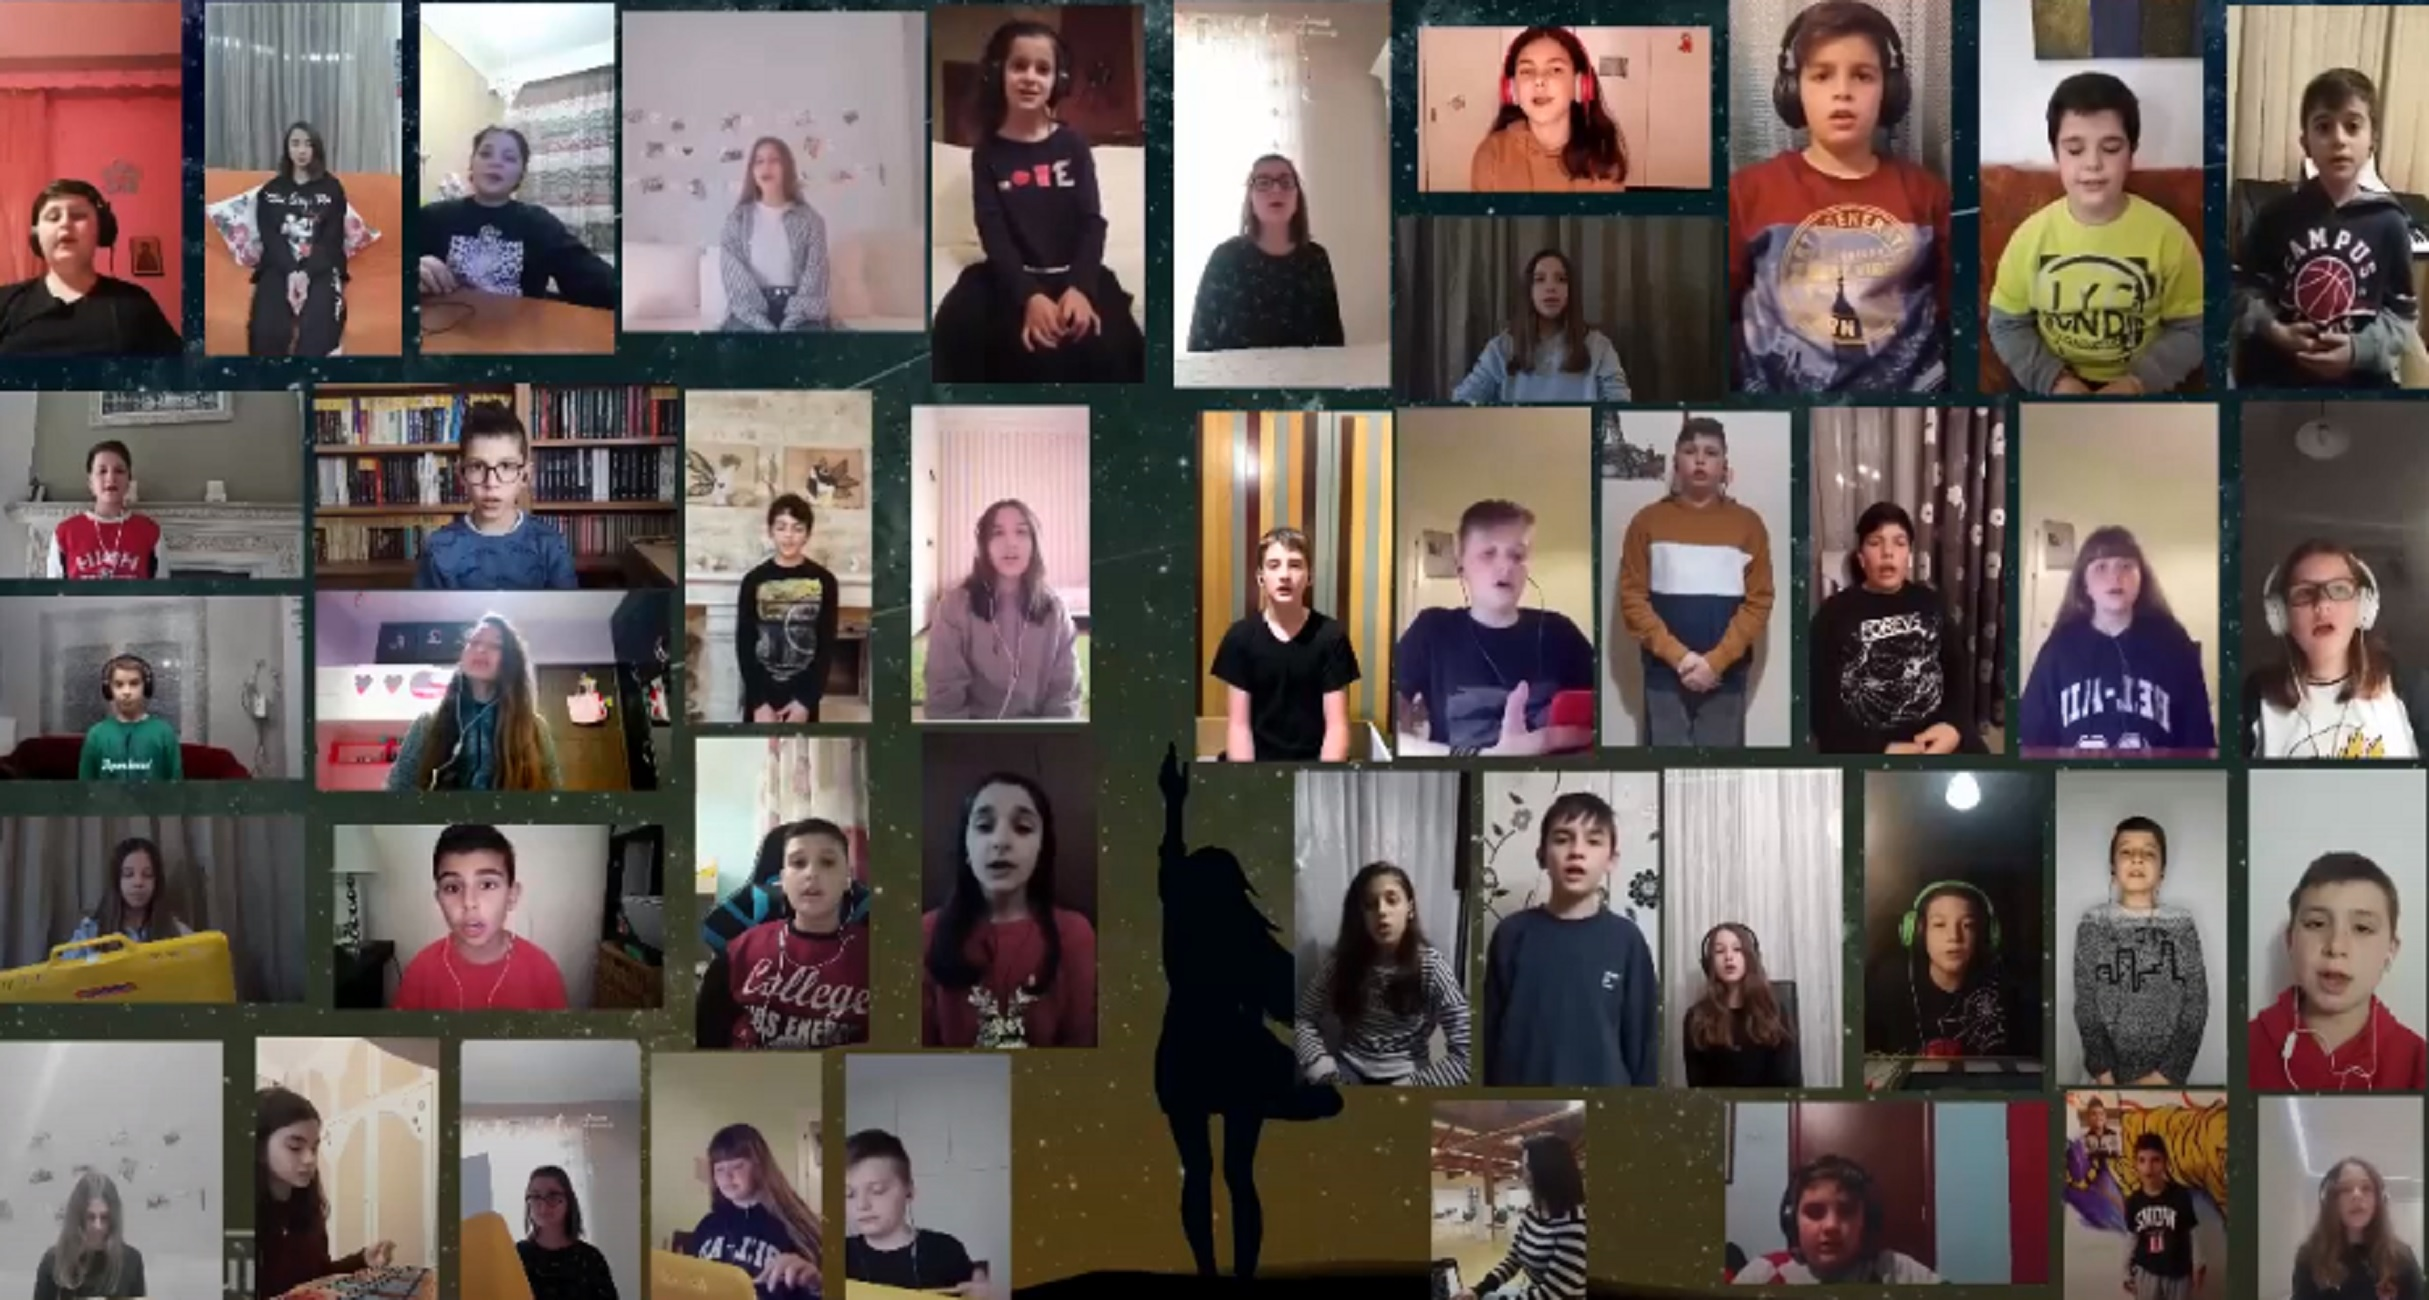 Ξάνθη: Το πιο γλυκό ευχαριστώ από μαθητές δημοτικού – Το τραγούδι που  αφιέρωσαν στους δασκάλους τους (video)